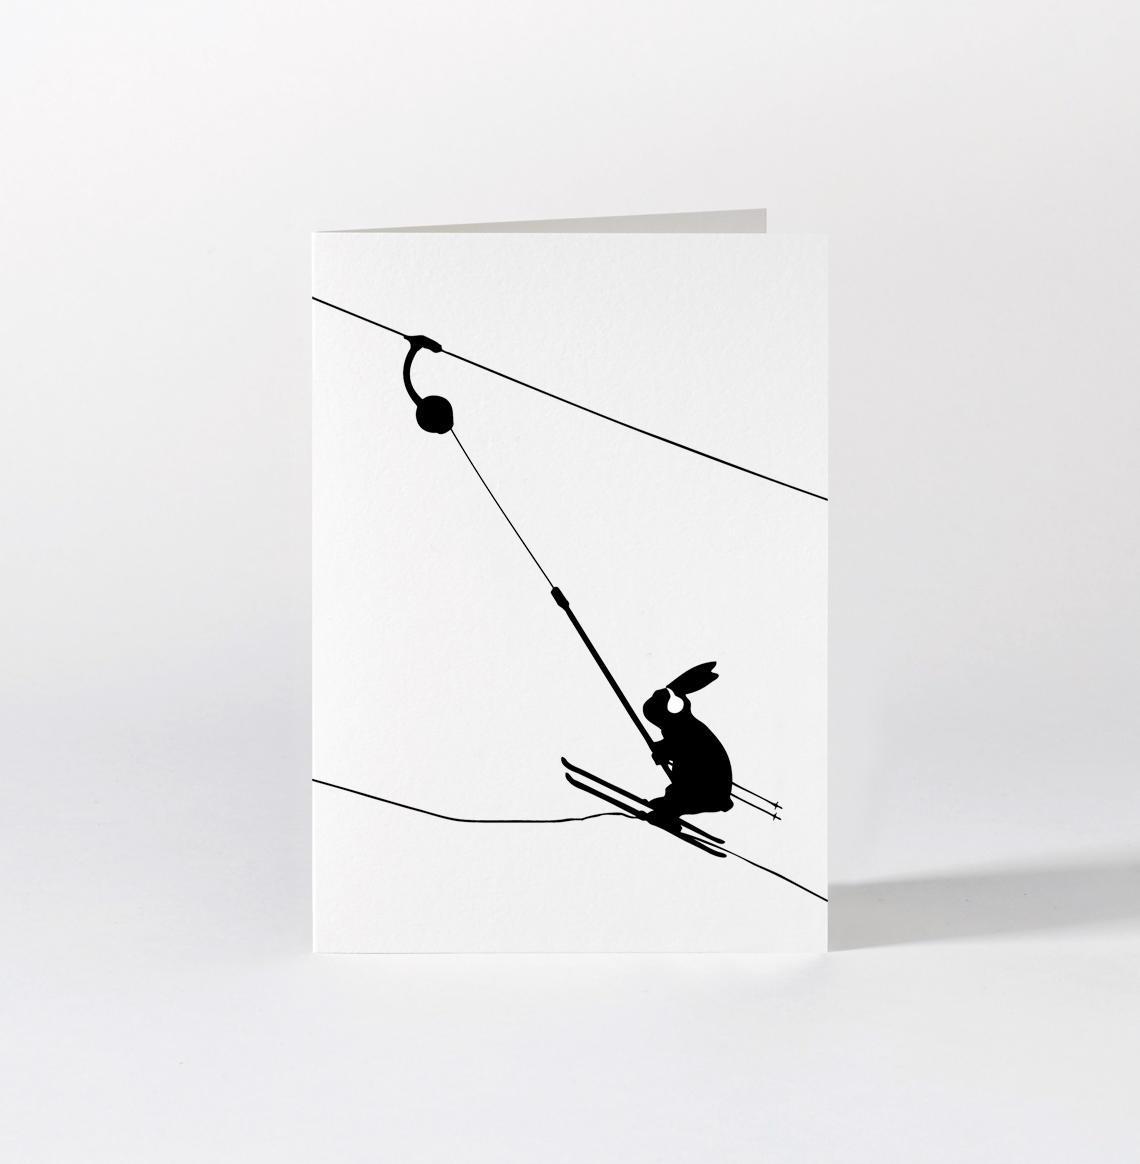 HAM Dárkové přání s králíkem Button Lift, černá barva